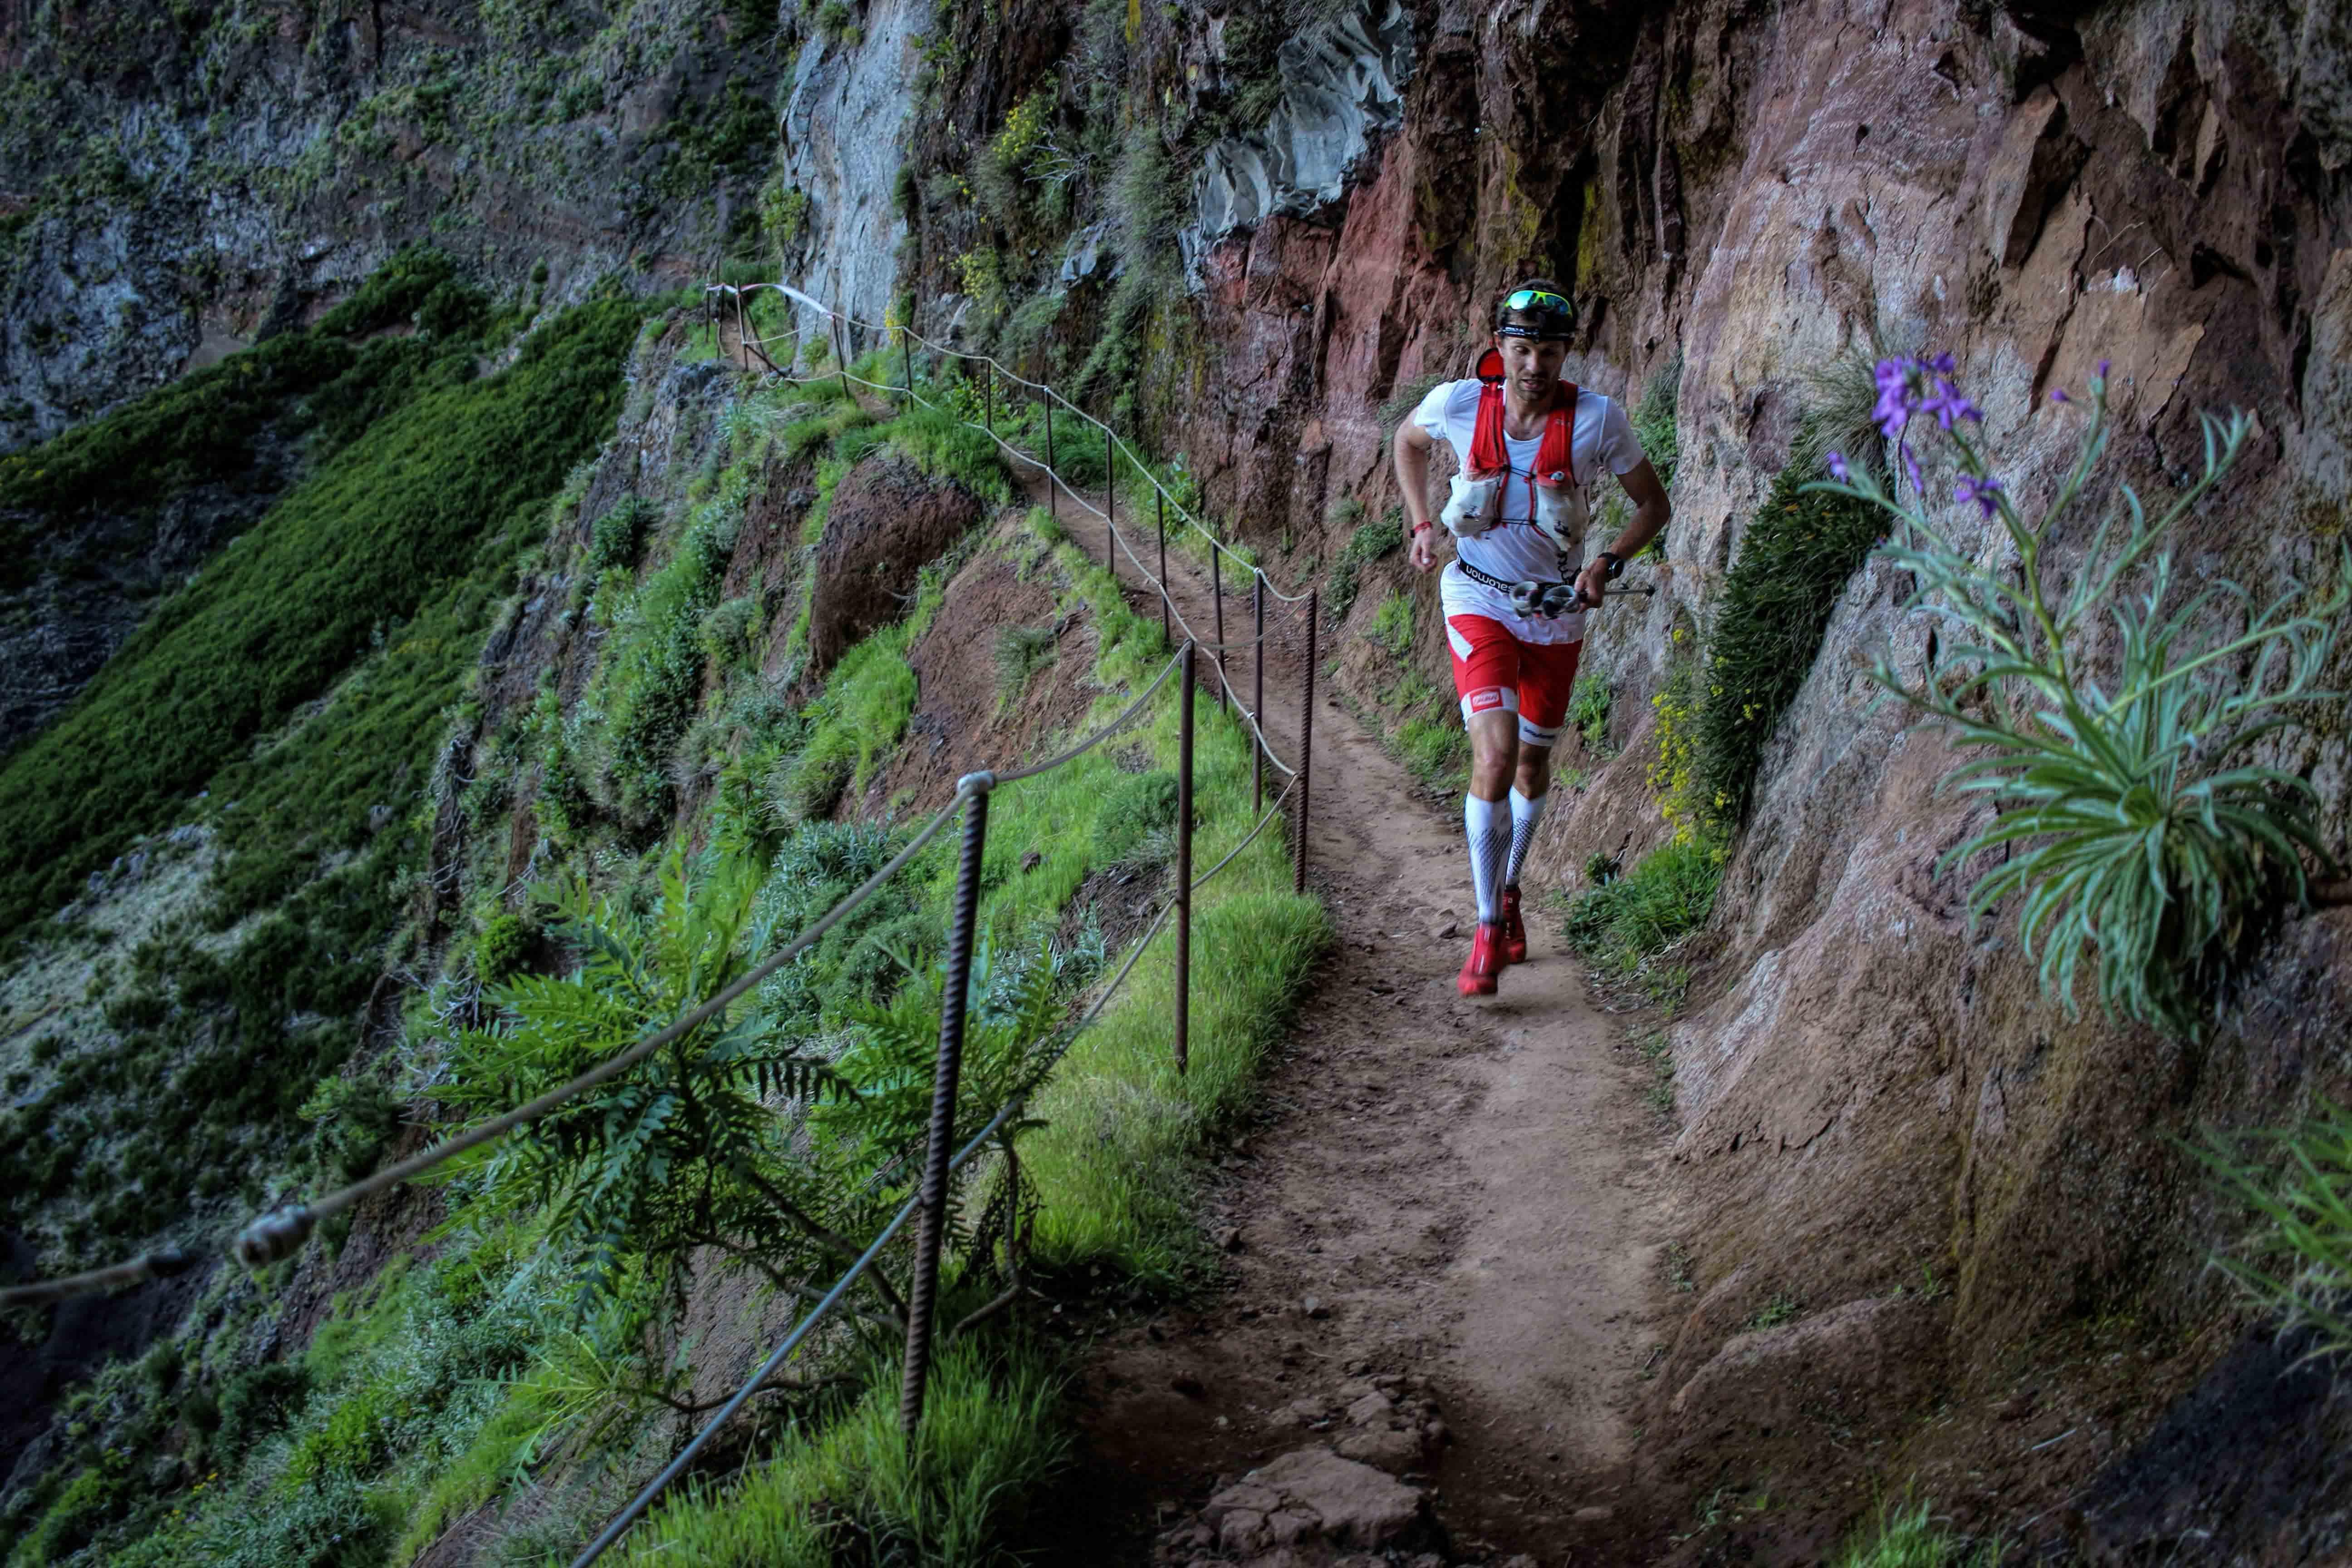 1 115 km Madeira Island Ultra trail François DHaene photo Philipp Reiter - RENTRÉE VICTORIEUSE POUR FRANCOIS D'HAENE ET MICHEL LANNE (article de Robert Goin)